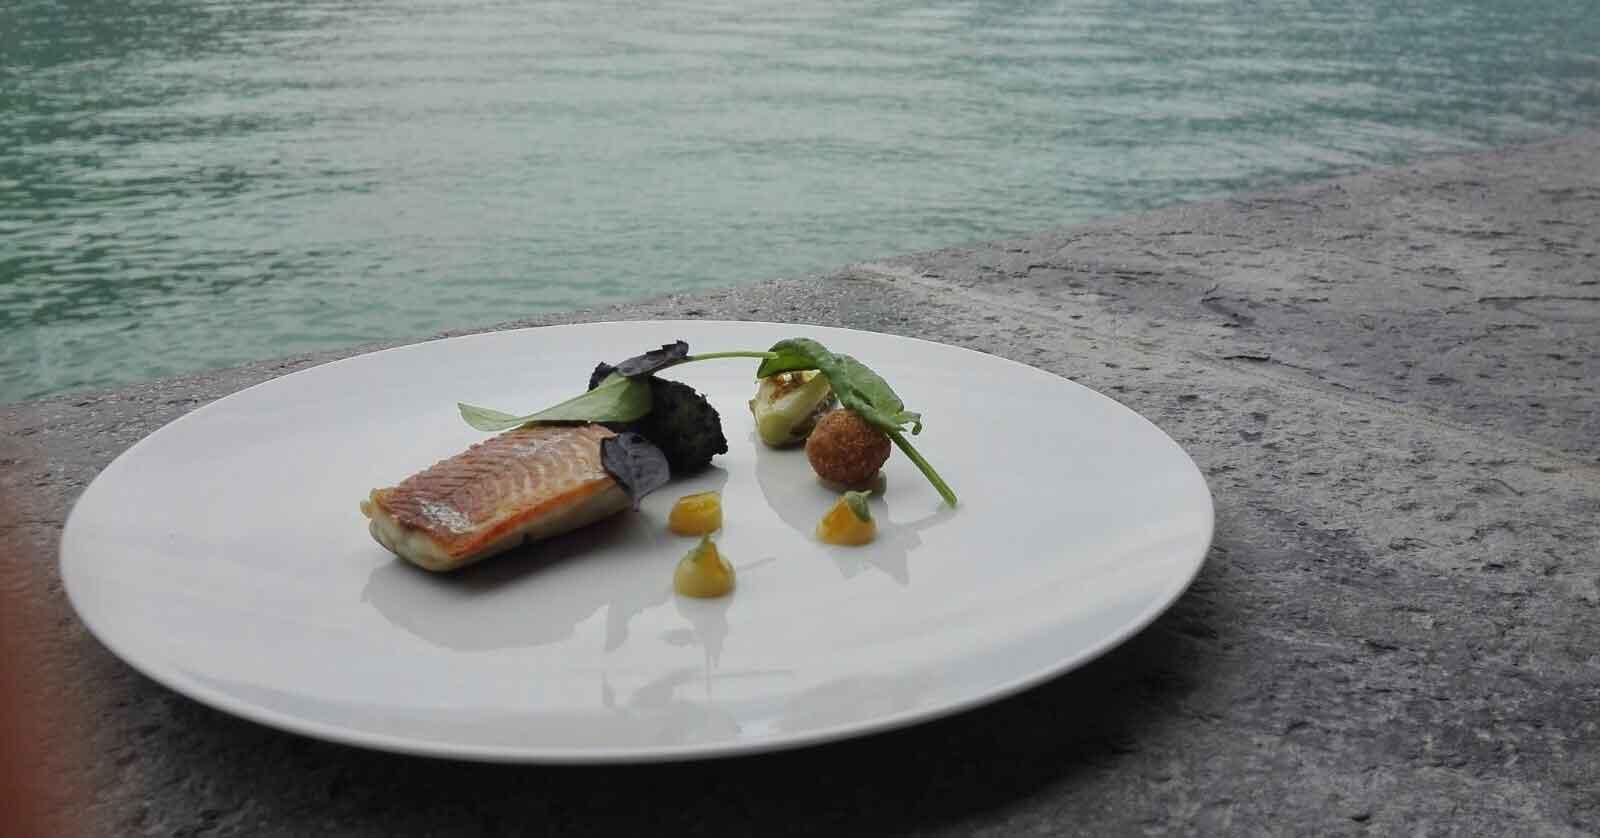 Lago di Como Lestate inizia con la cena di Andrea Berton